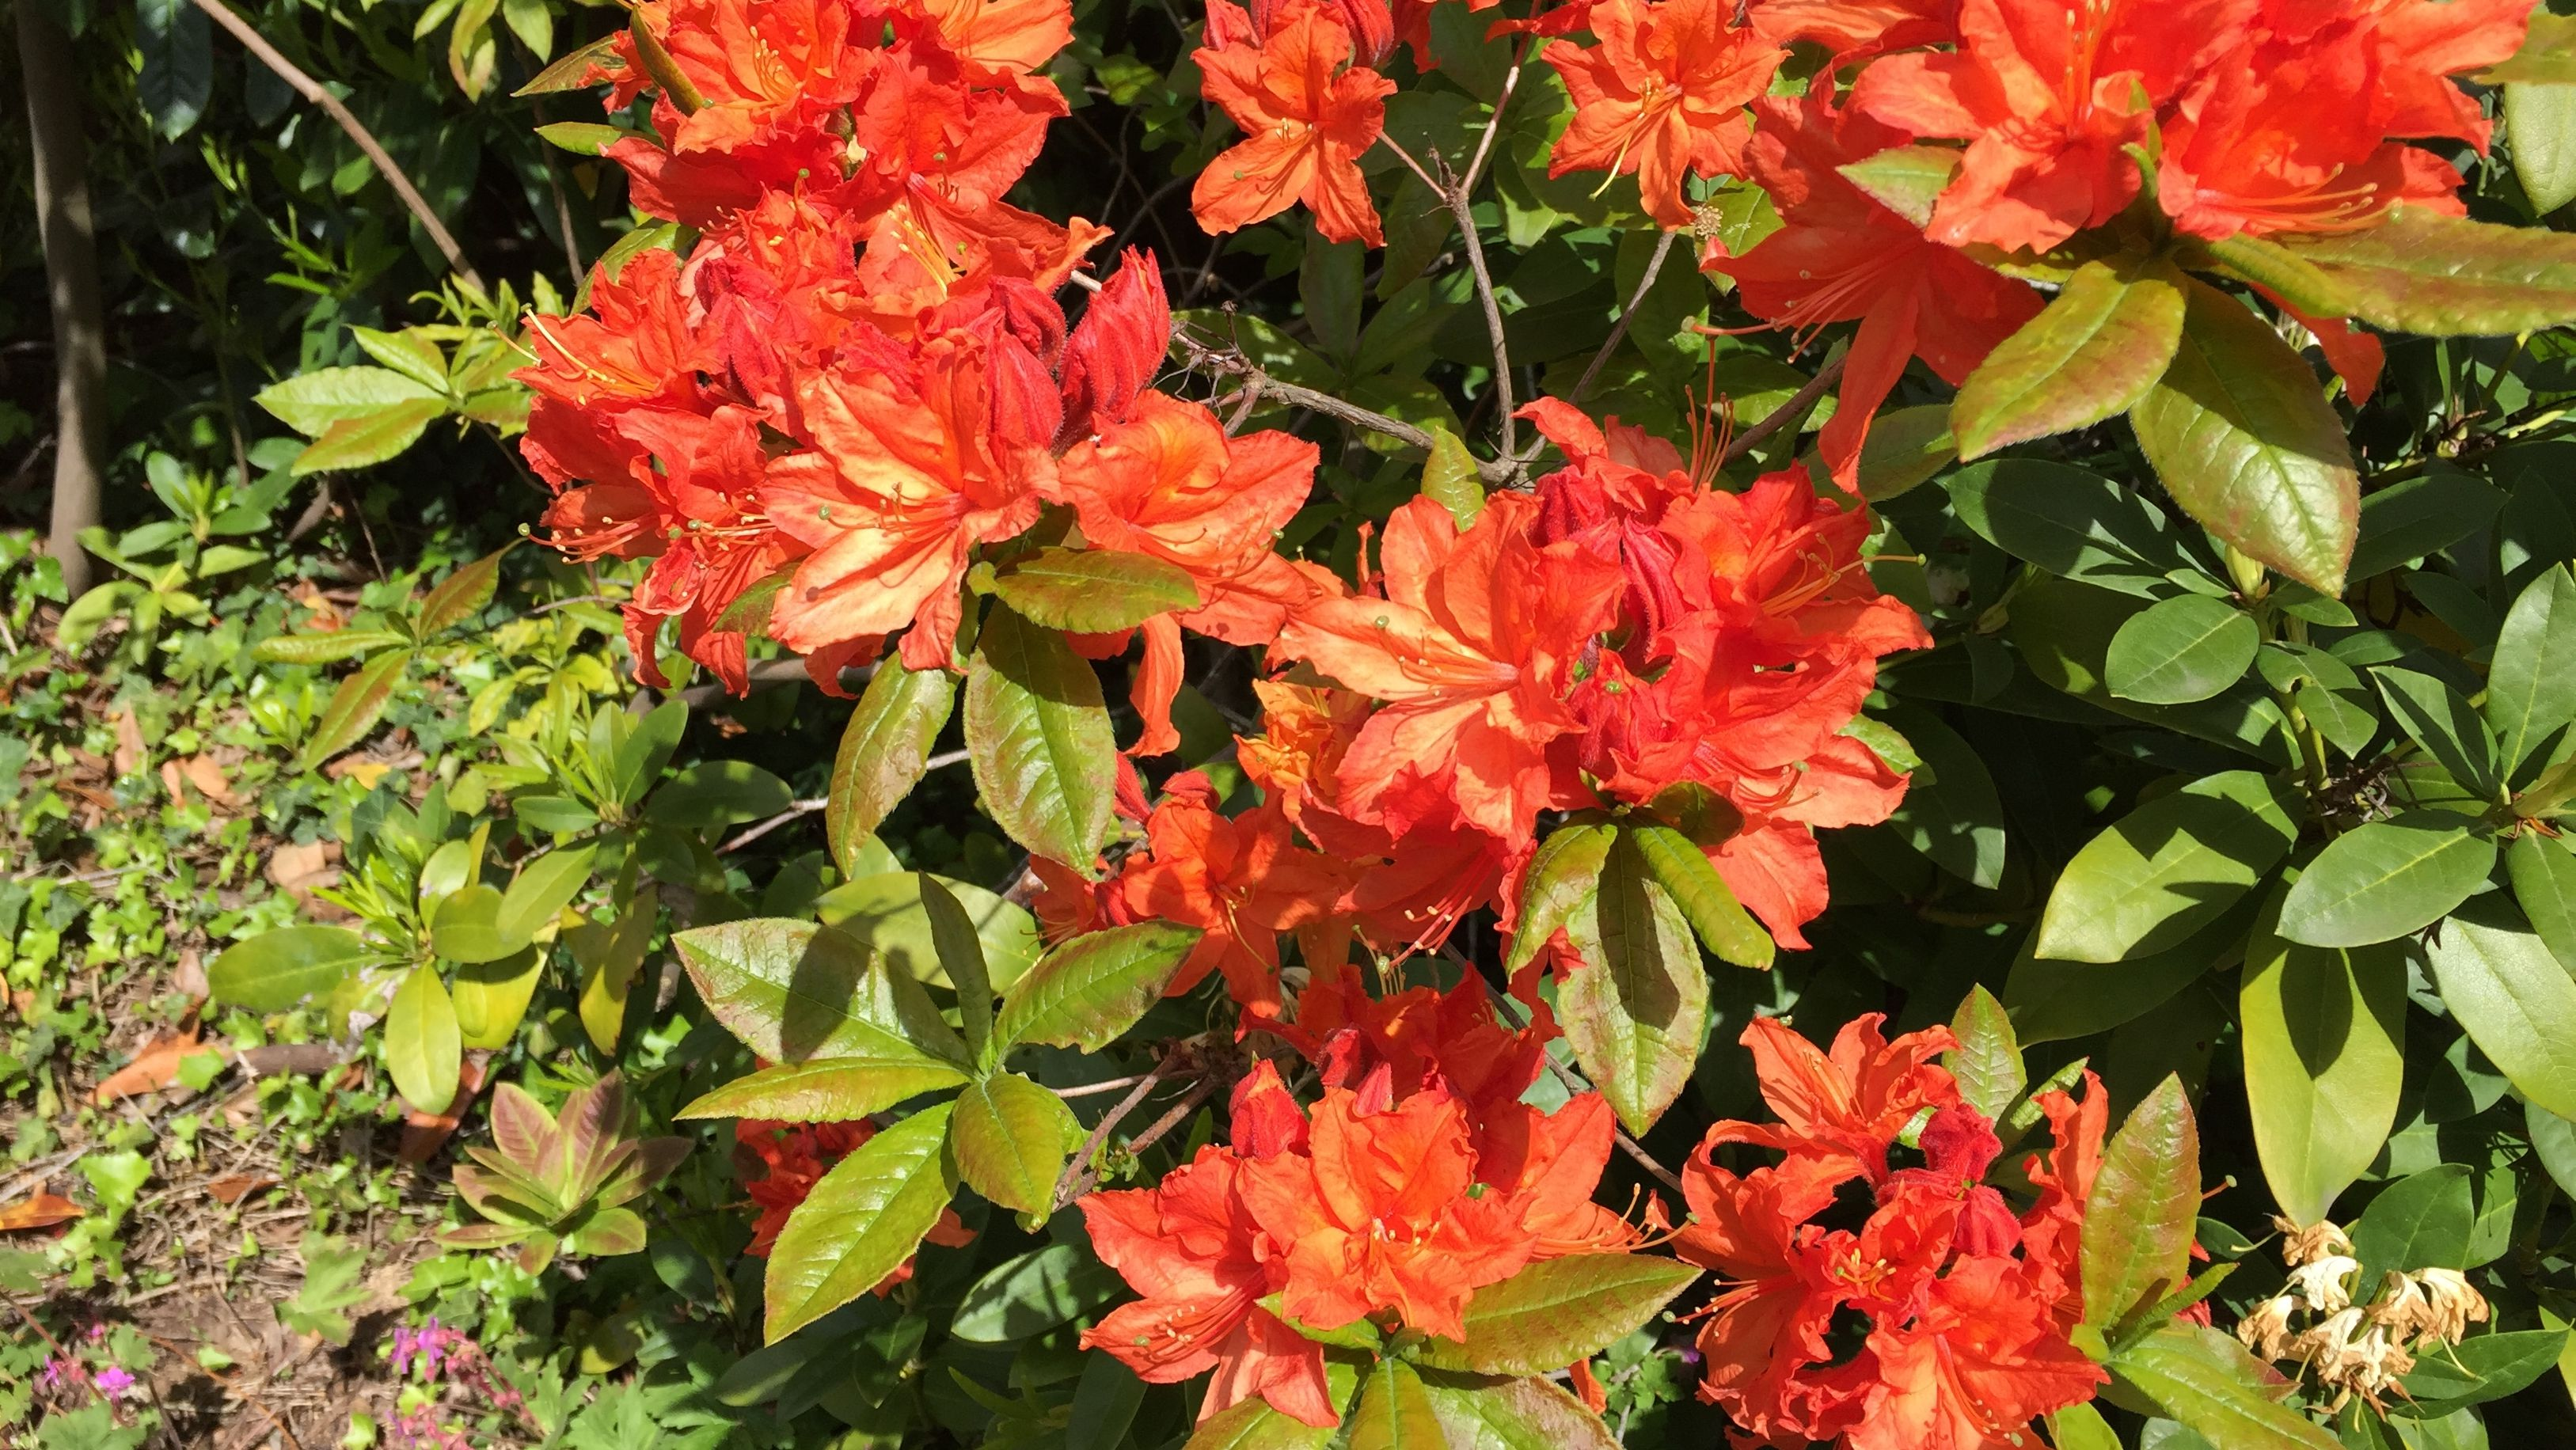 Farbenfrohe Blüten im Garten von Claudia Däubler-Hauschke.